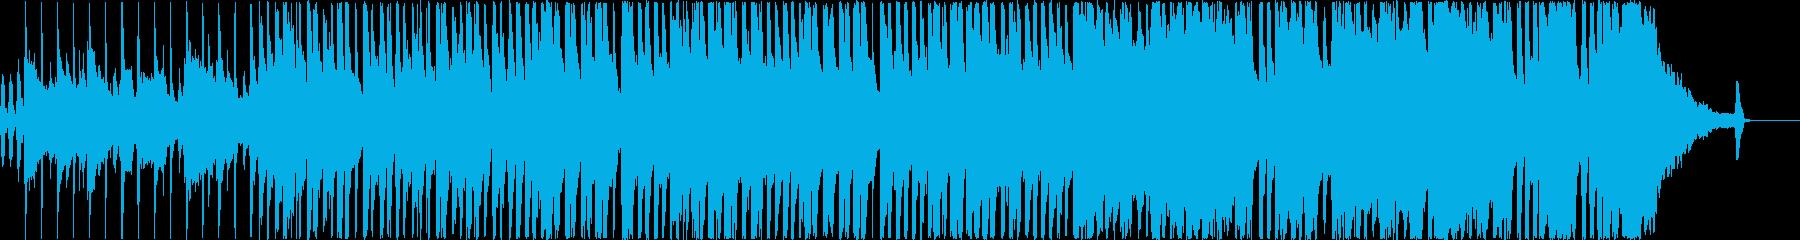 【1分】アップテンポほんわかコンセプトムの再生済みの波形